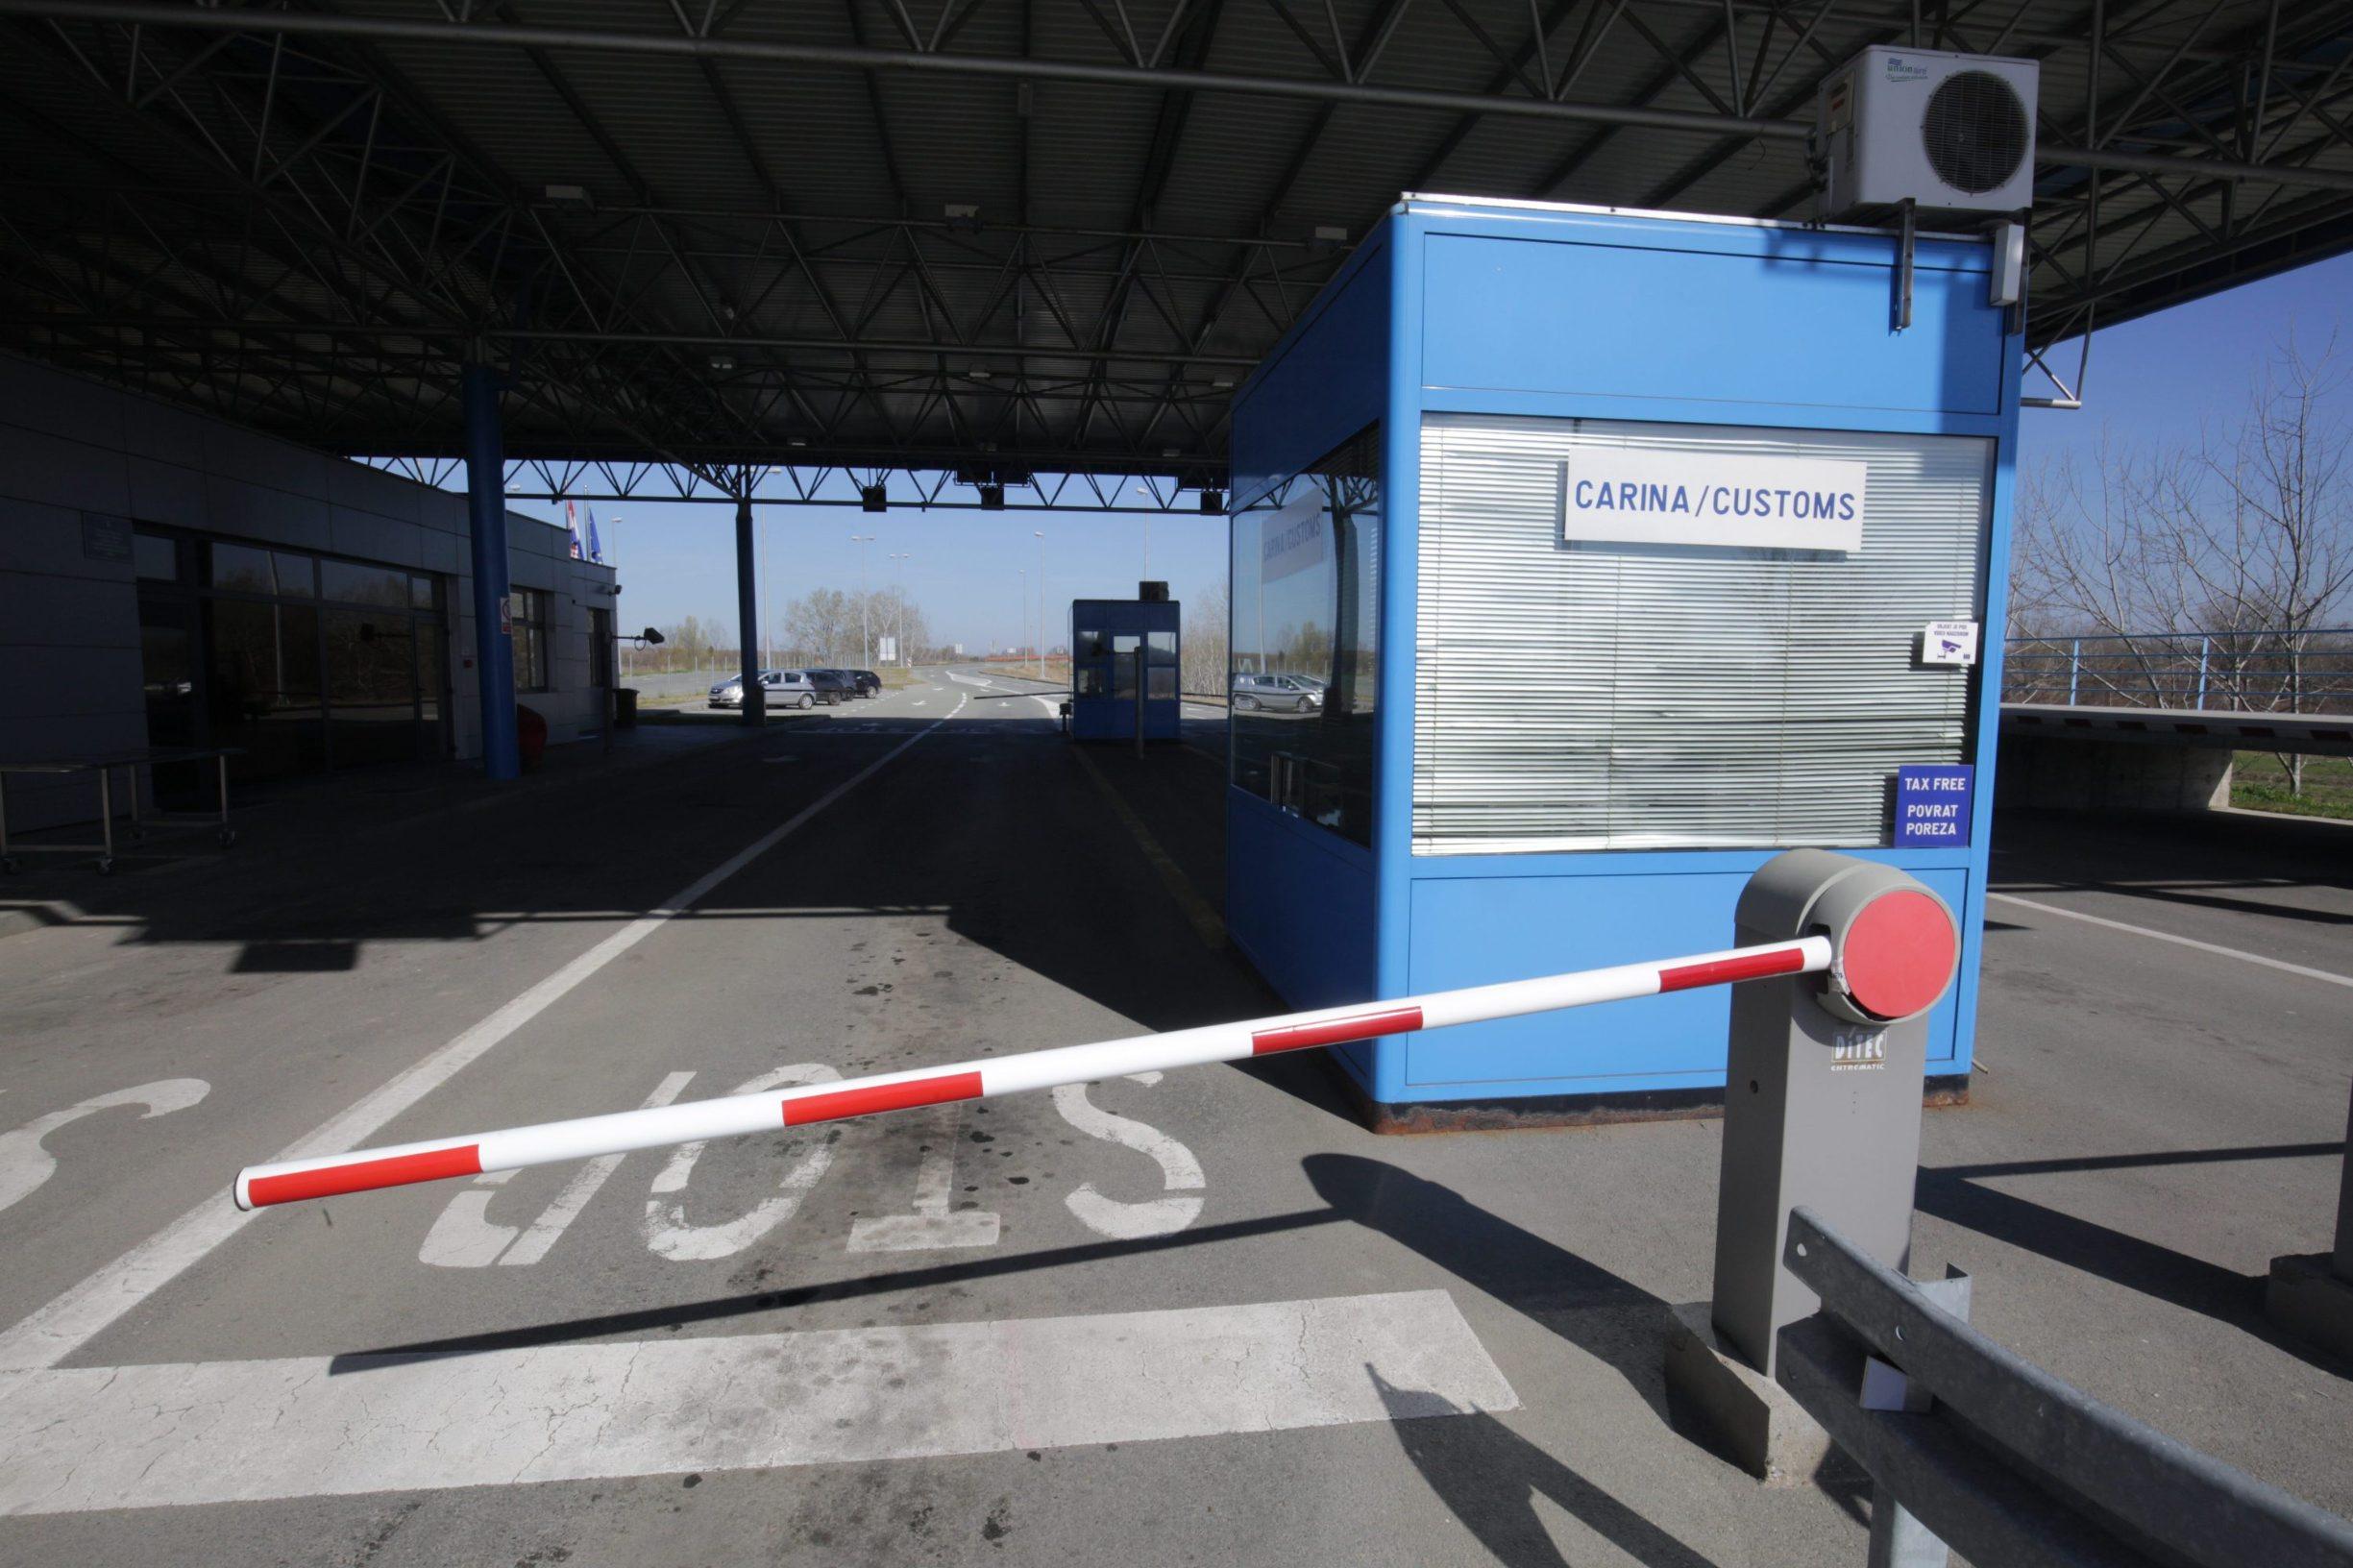 Zbog epidemije koronavirusa zatvoren je, među ostalom, granični prijelaz između Srbije i Hrvatske u Batini